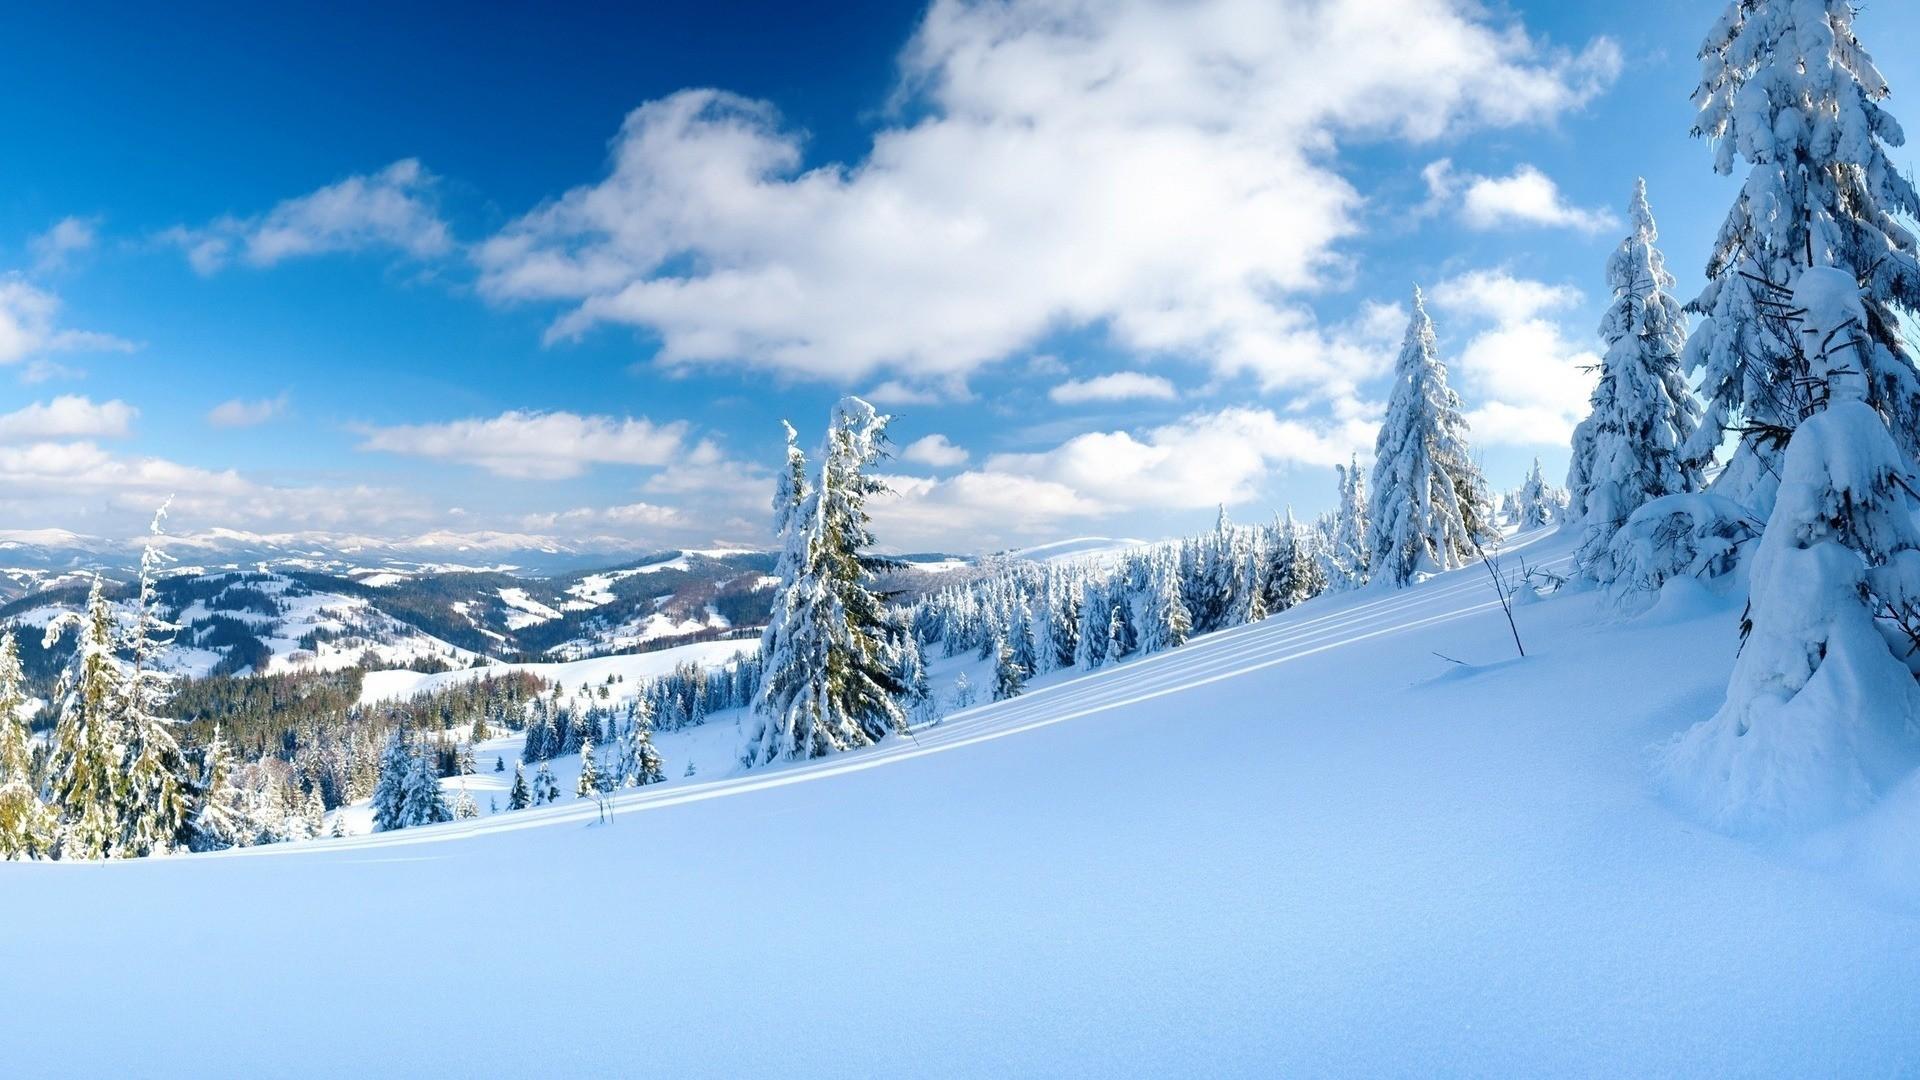 Snowy HD Wallpaper